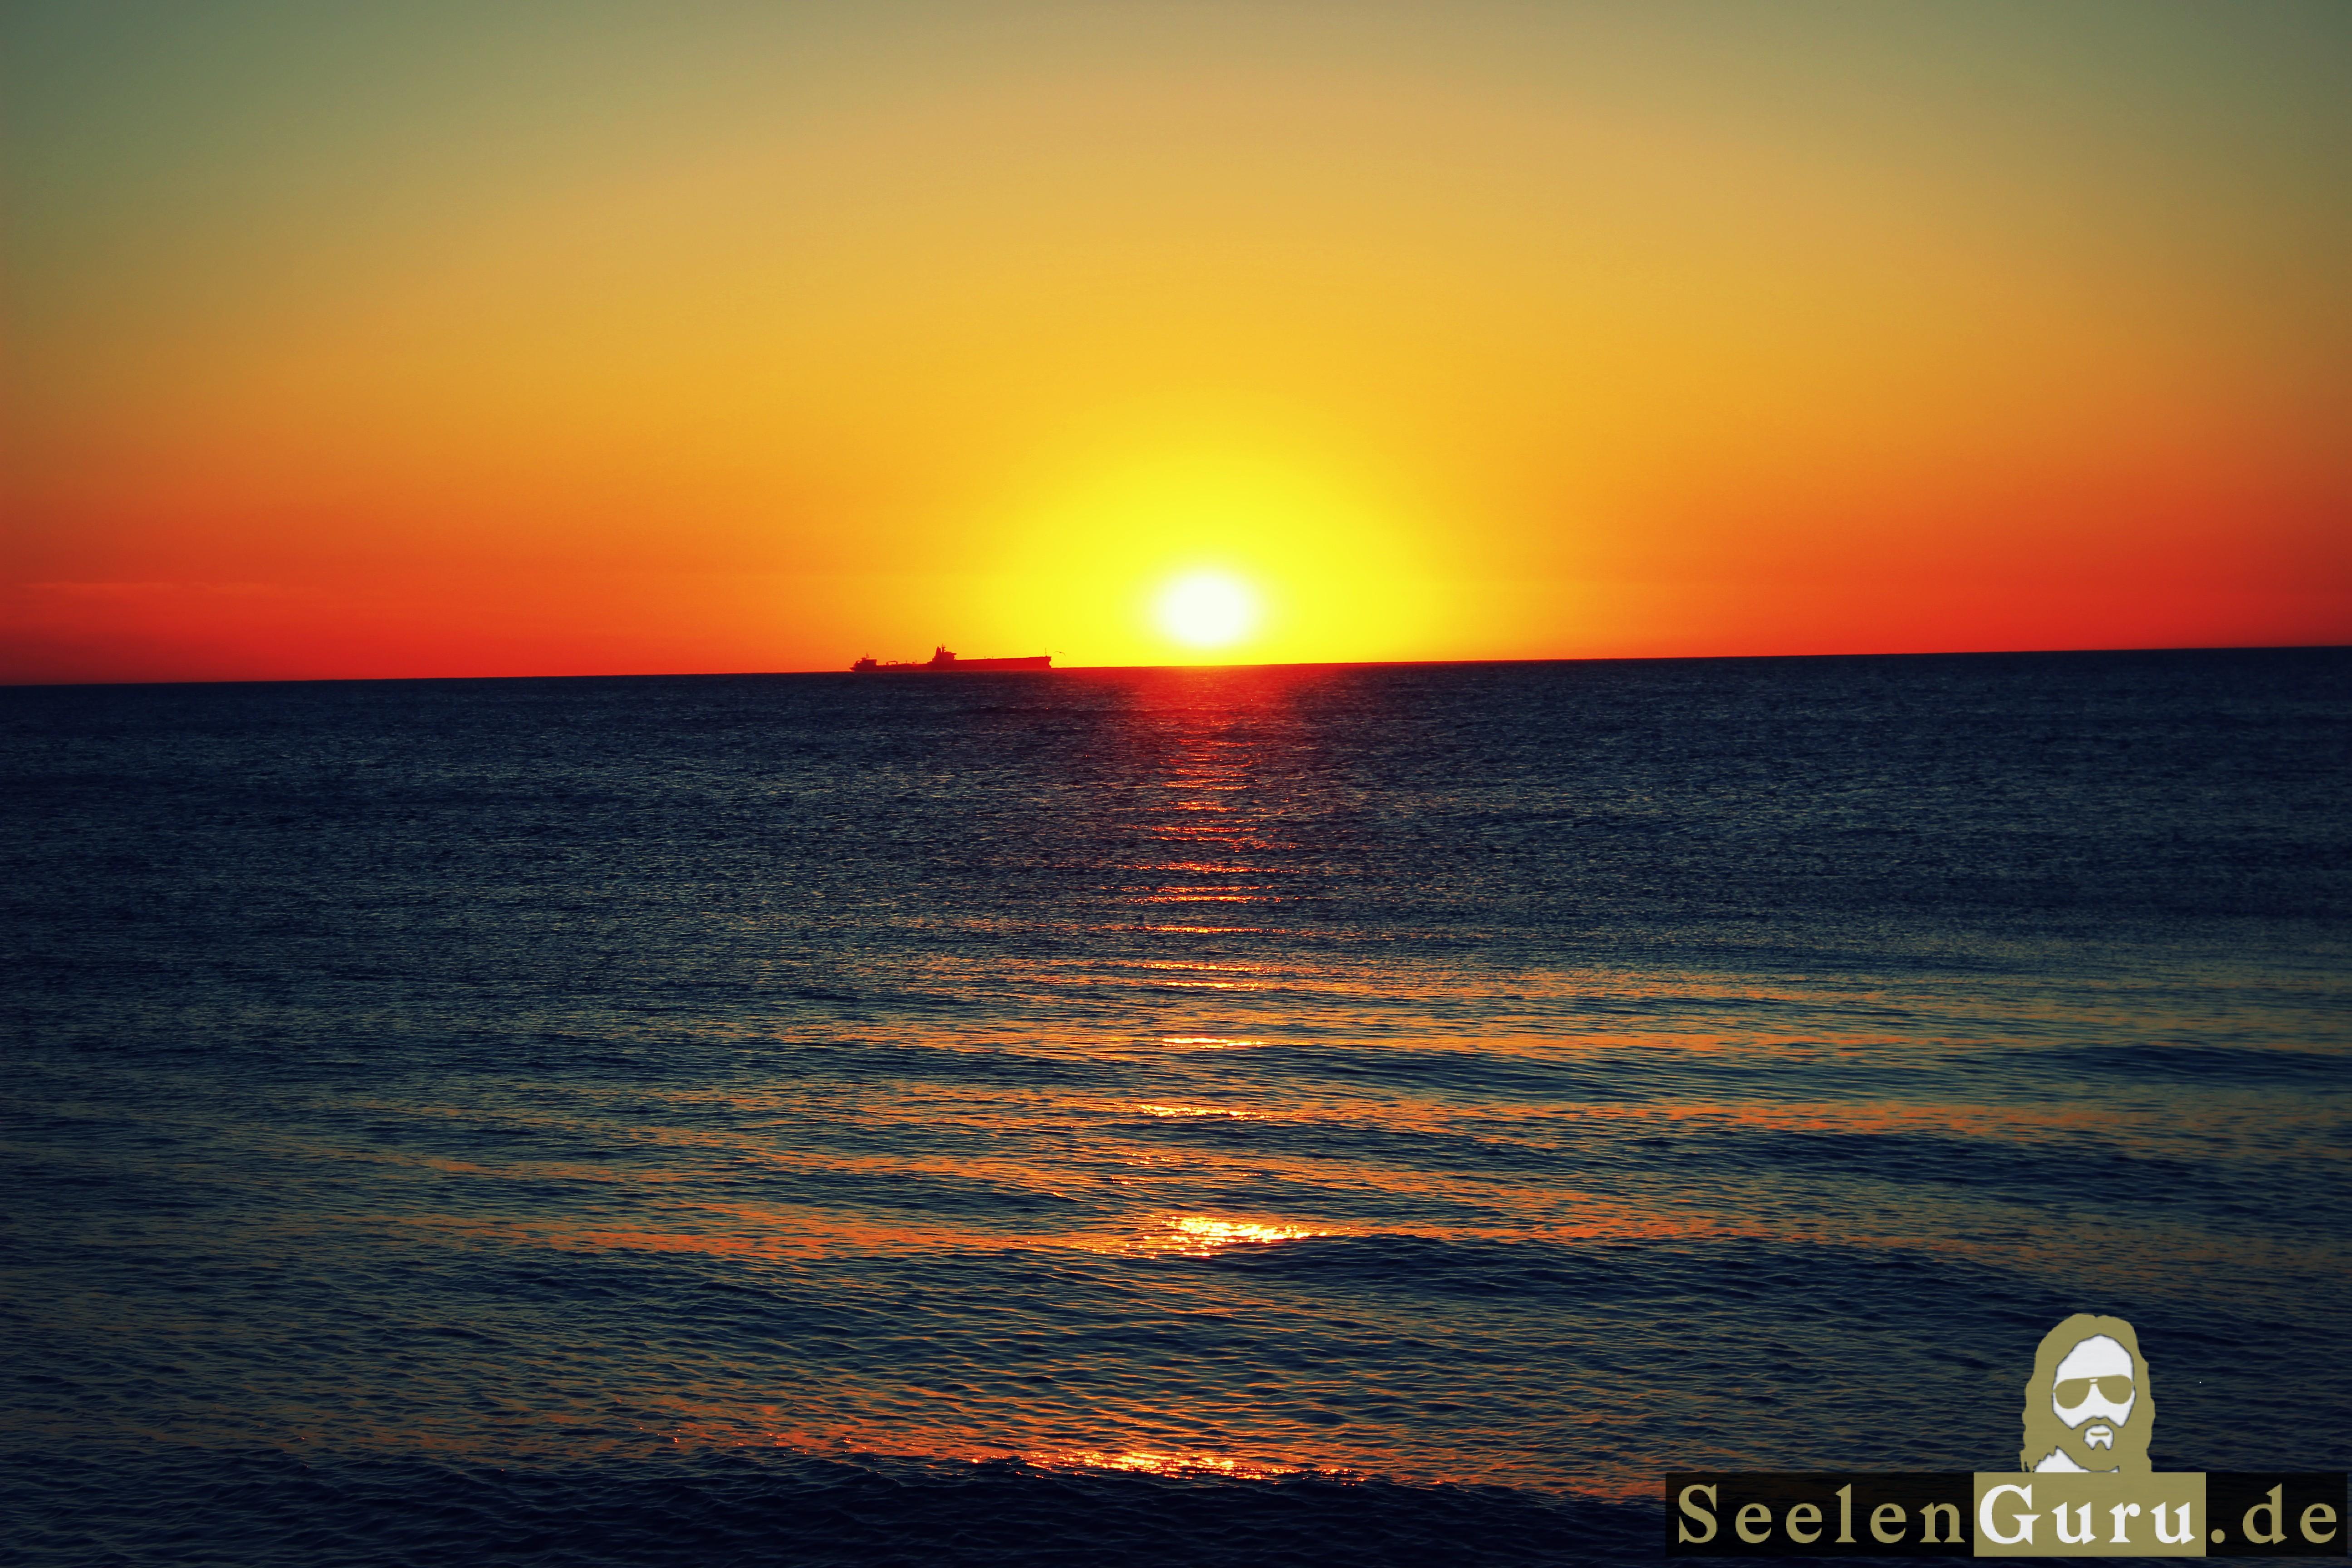 Sonnenuntergang Bilder vom Meer